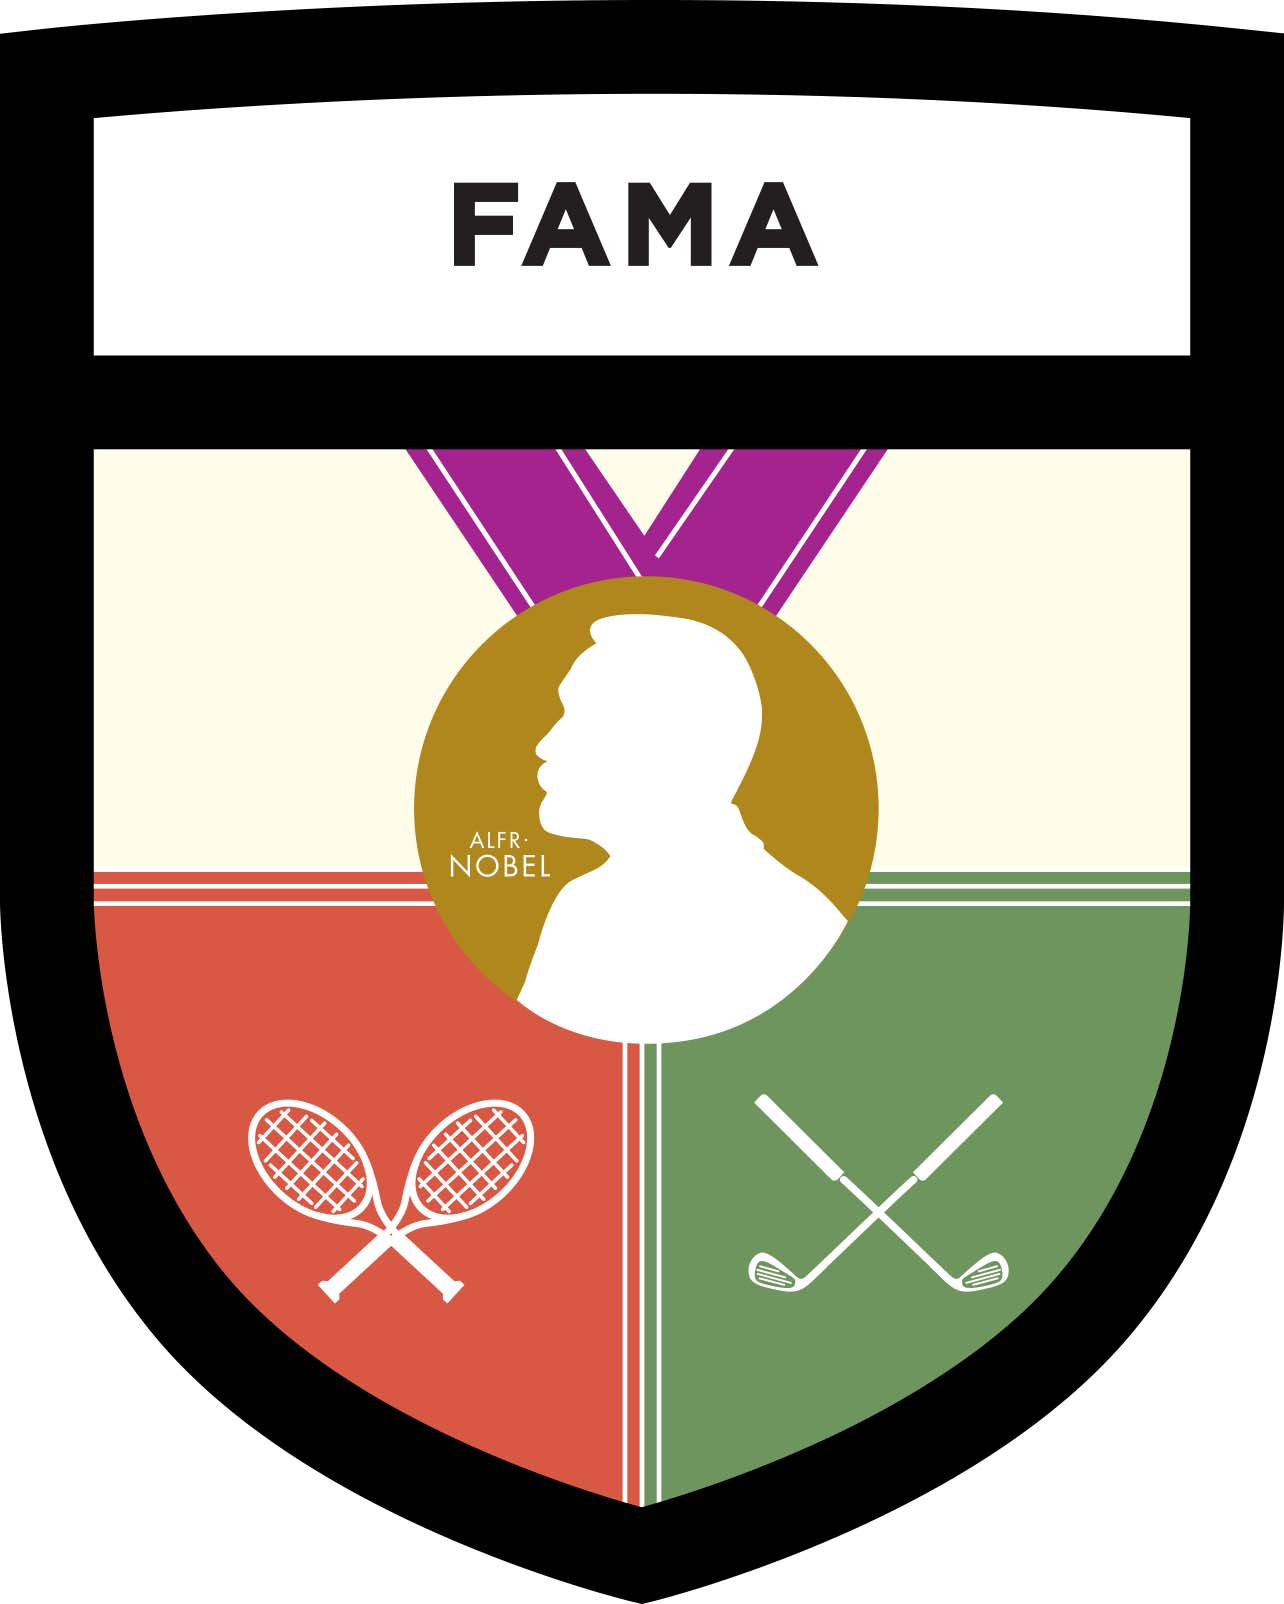 Fama Shield